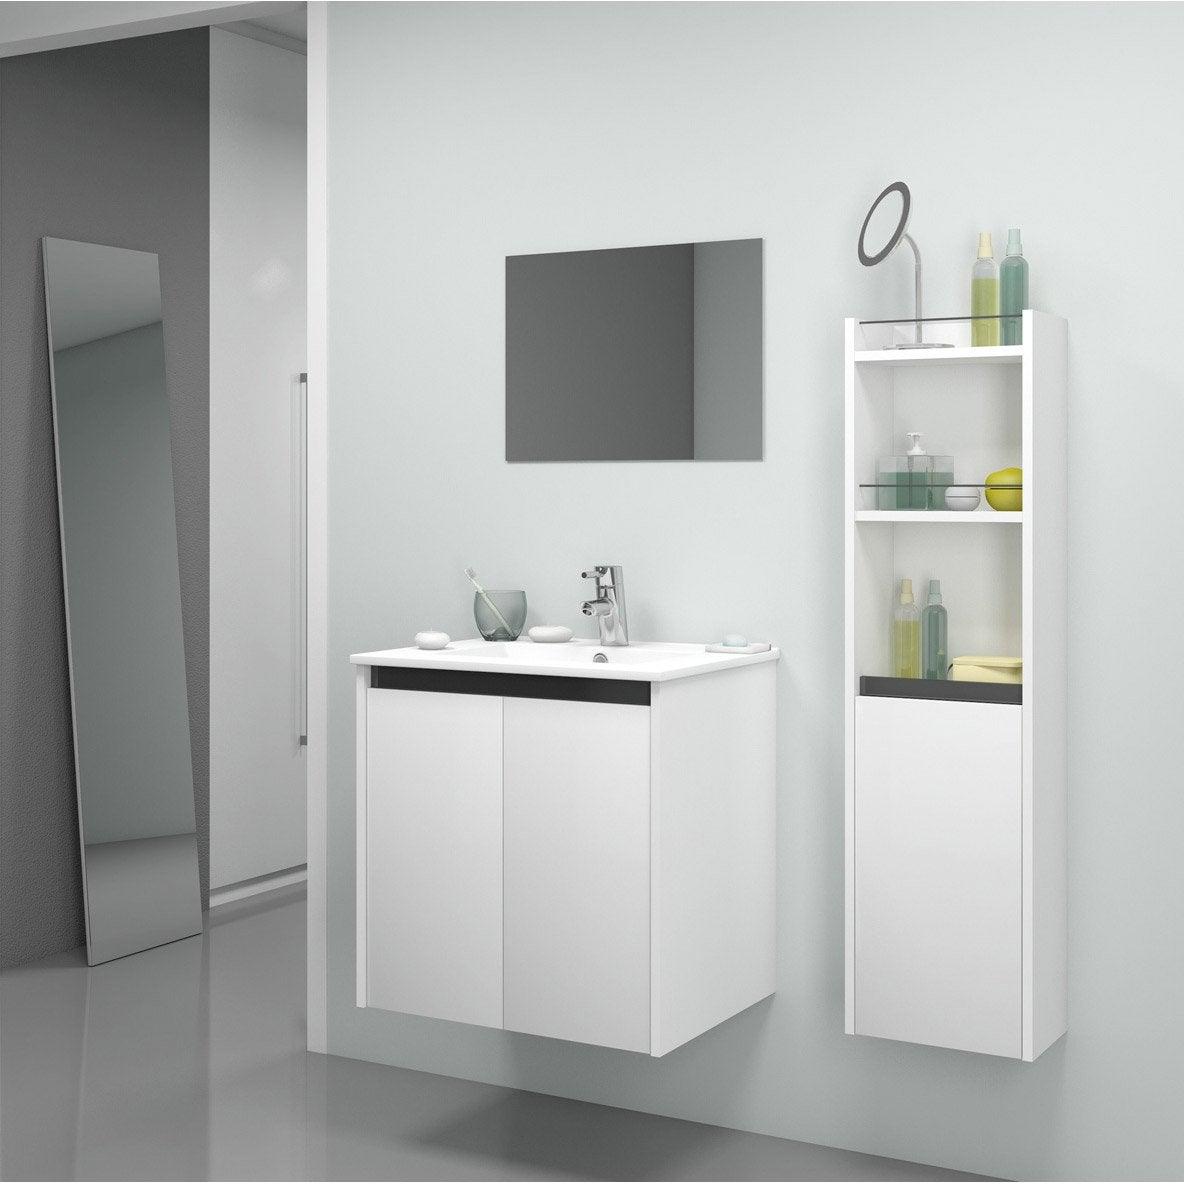 Meuble salle de bain leroy merlin galice meuble sous - Meubles salle de bains leroy merlin ...